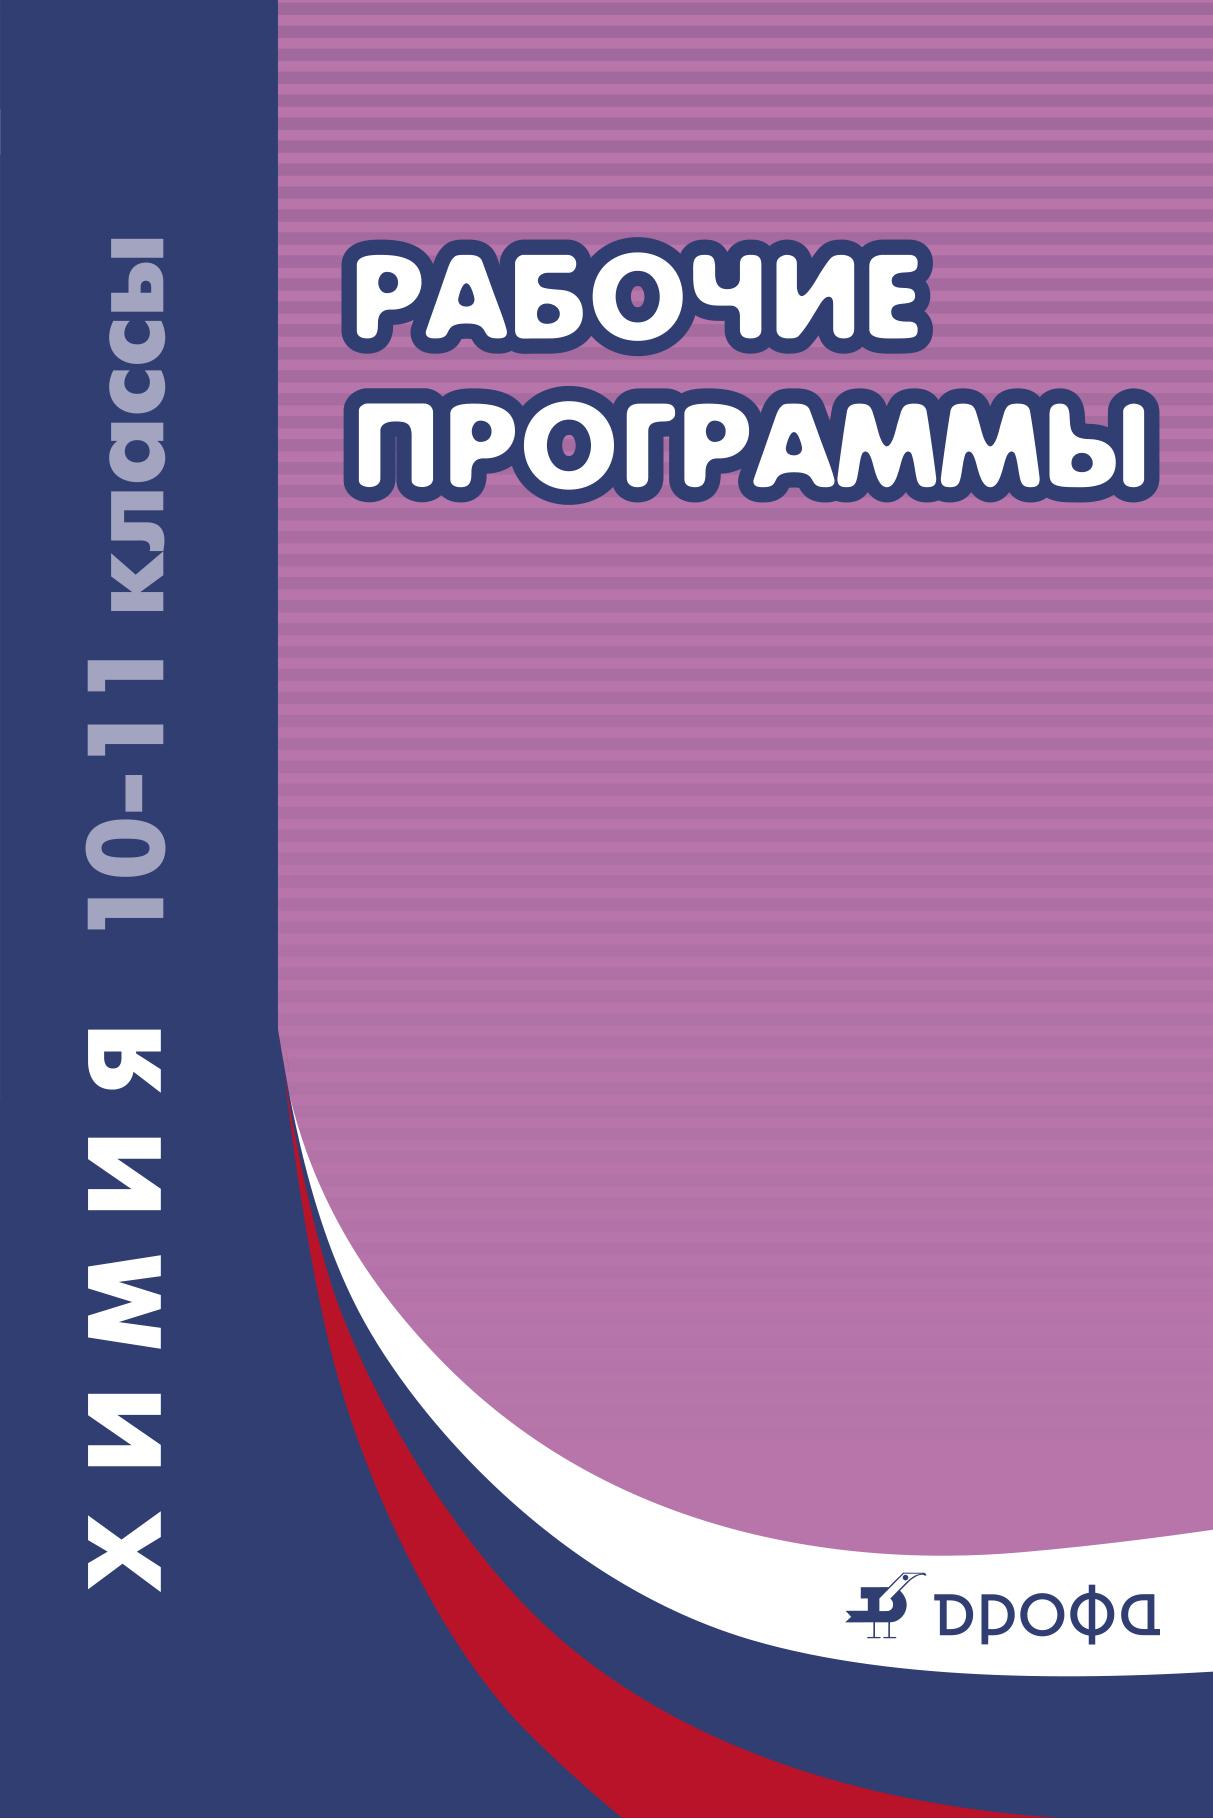 Гамбурцева Т.Д. (составитель) Химия. 10-11 классы. Рабочие программы гамбурцева т д составитель химия 10 11 классы рабочие программы